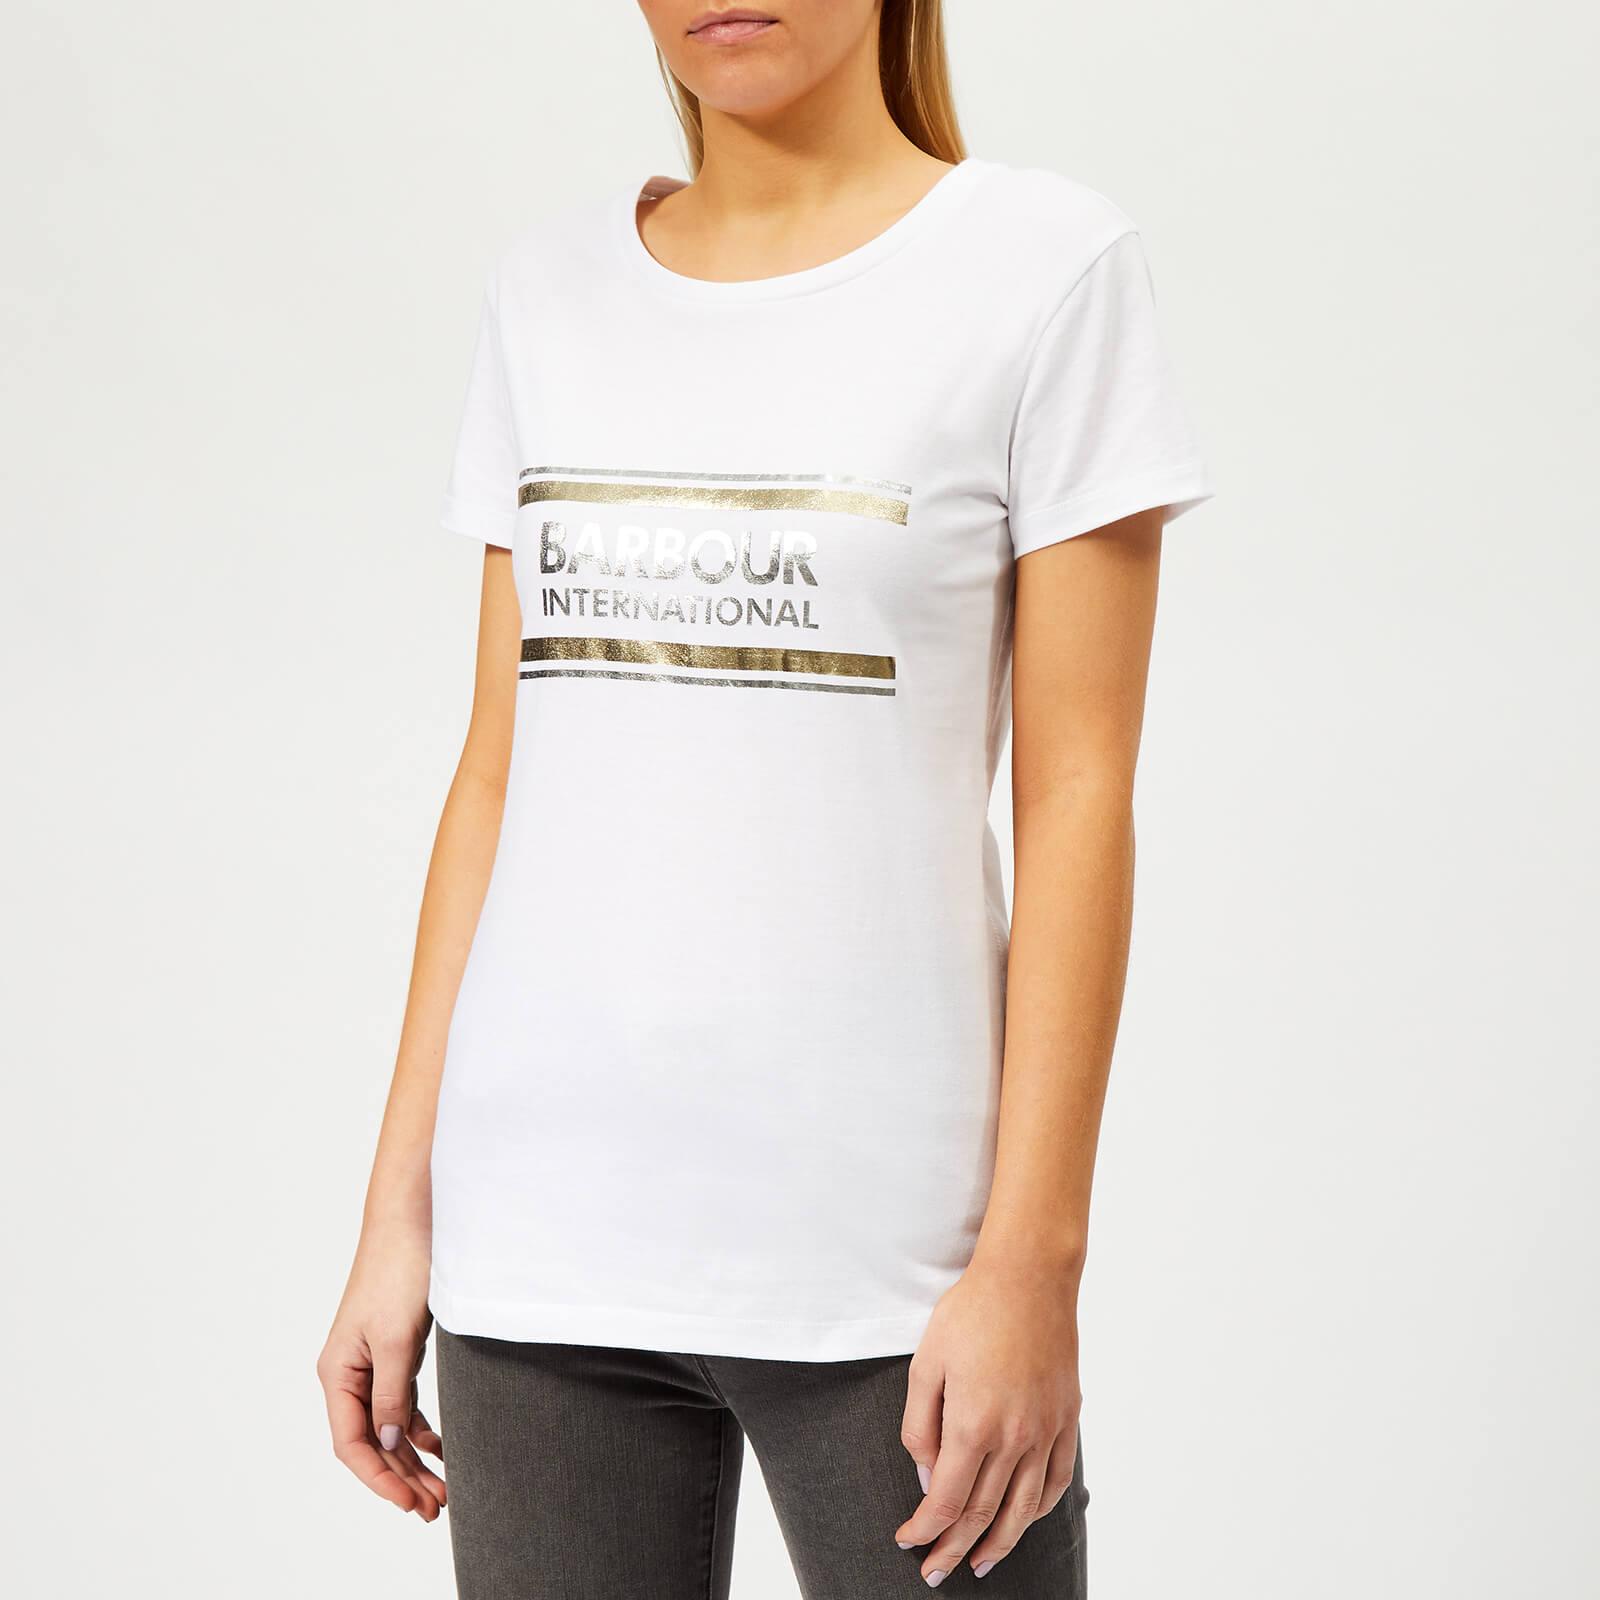 Barbour International Women's Black Flag T-Shirt - White - UK 10 - White